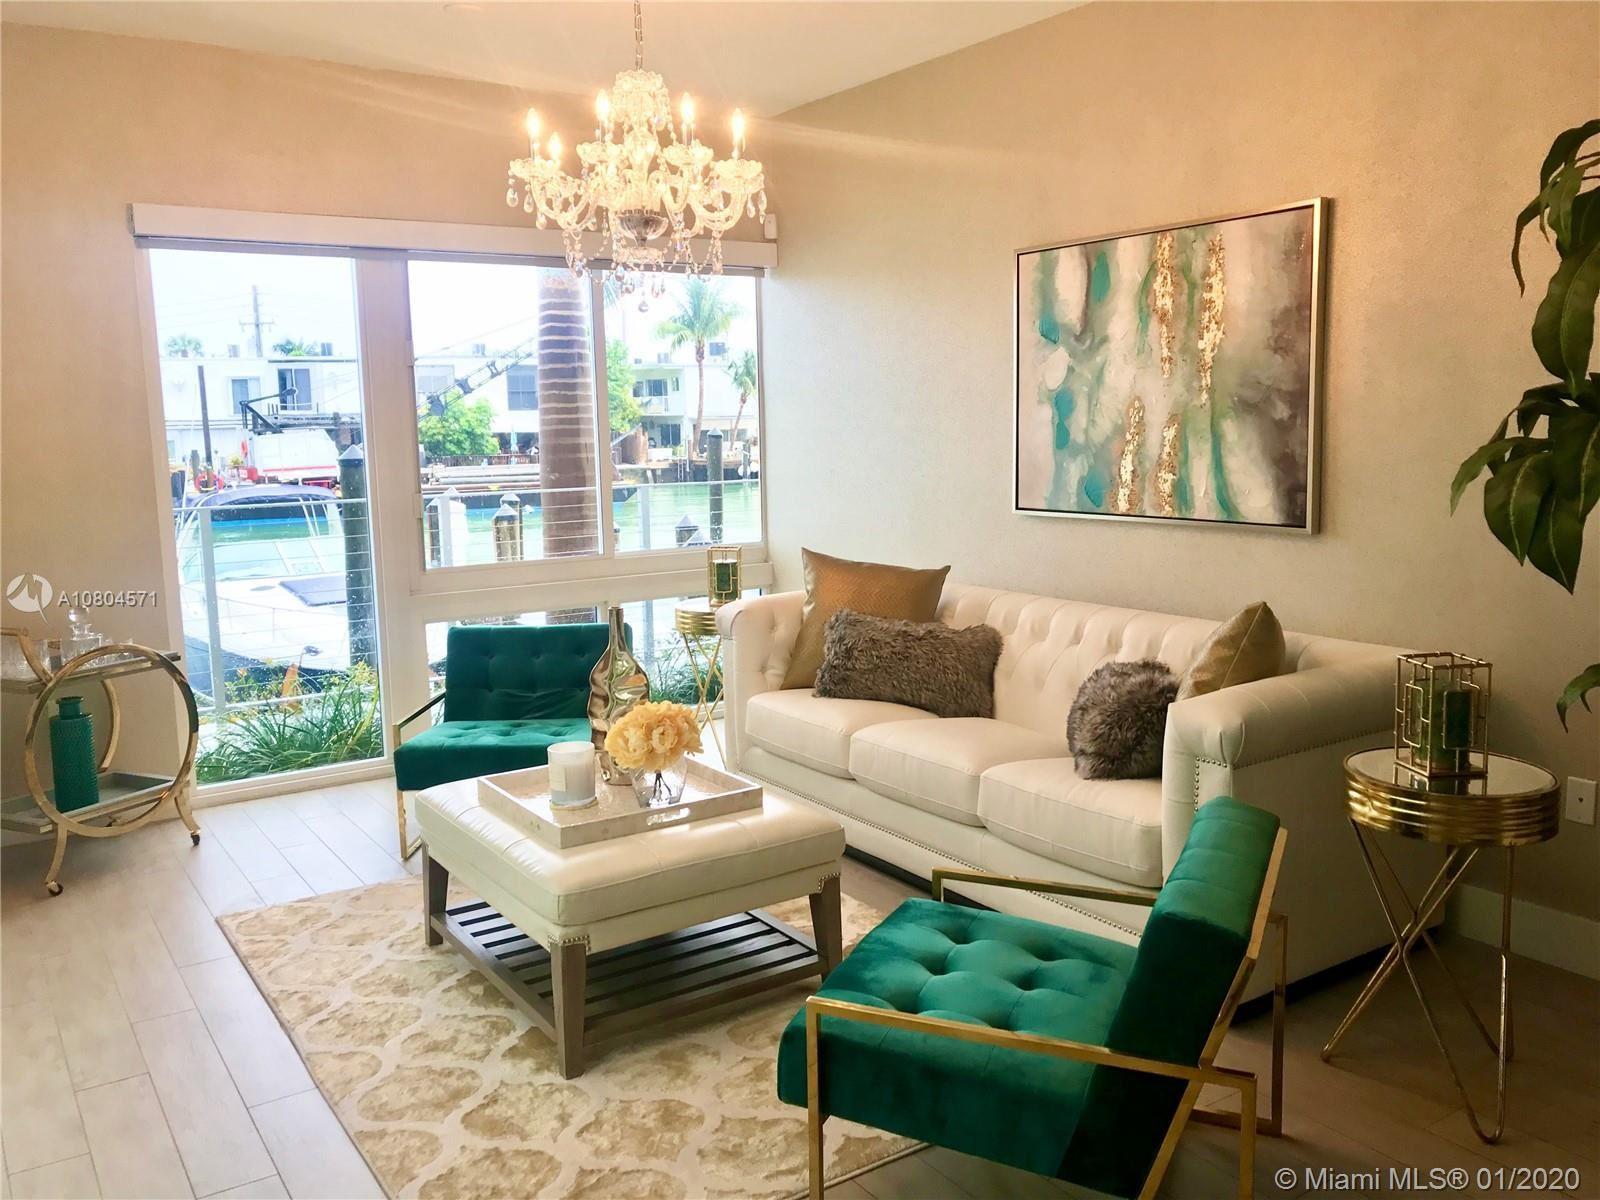 79 north shore drive #79, Miami Beach, FL 33141 - MLS#: A10804571